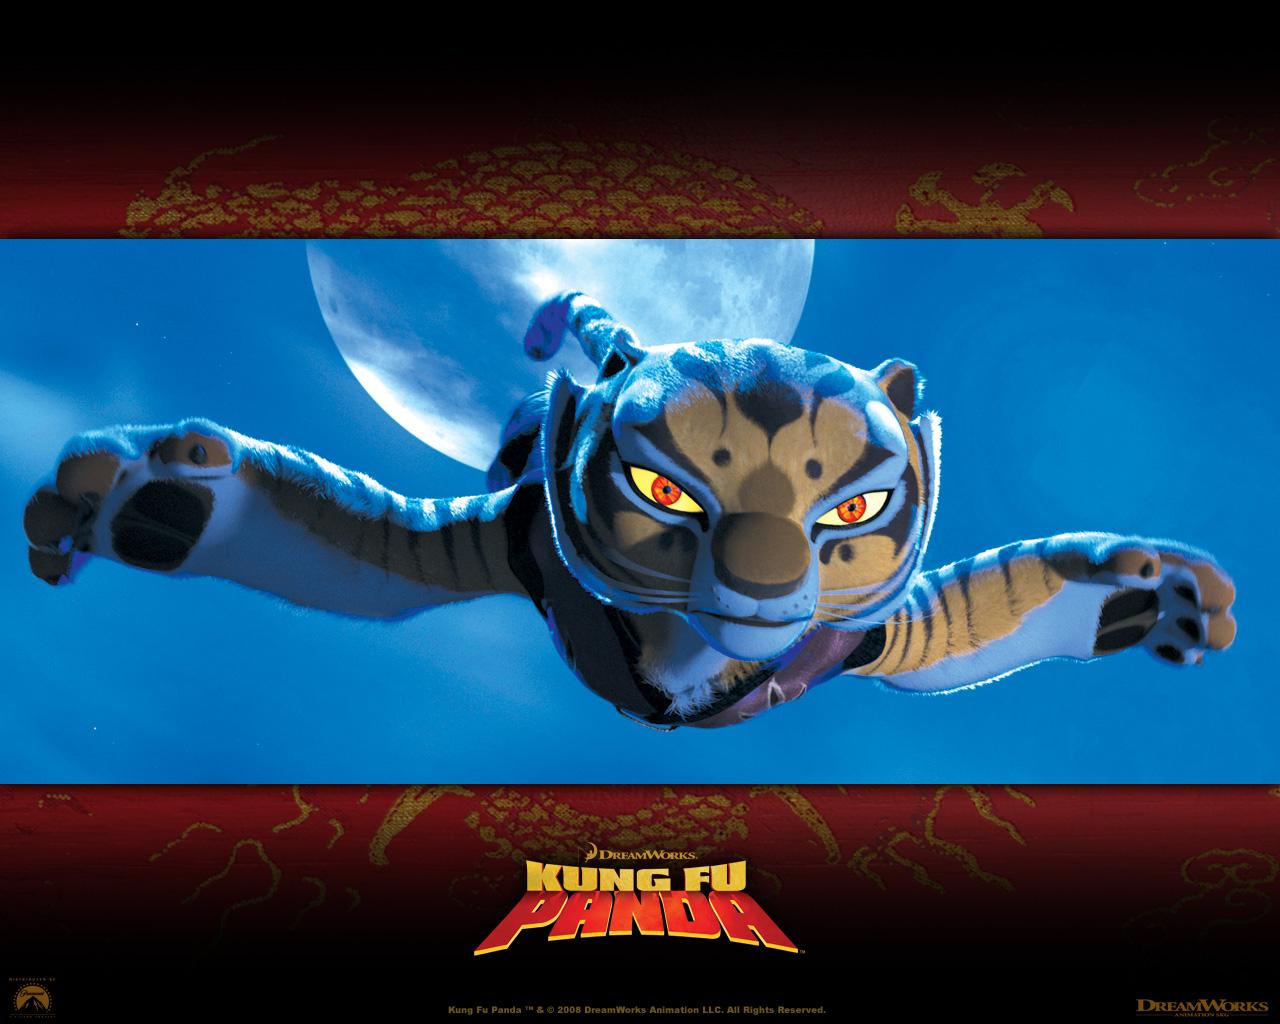 http://4.bp.blogspot.com/-US2adFaAnvU/Td0X8sUEXiI/AAAAAAAAAL0/I0xOI36FtSQ/s1600/movie-wallpaper-kung-fu-panda-2008-tigress-2.jpg